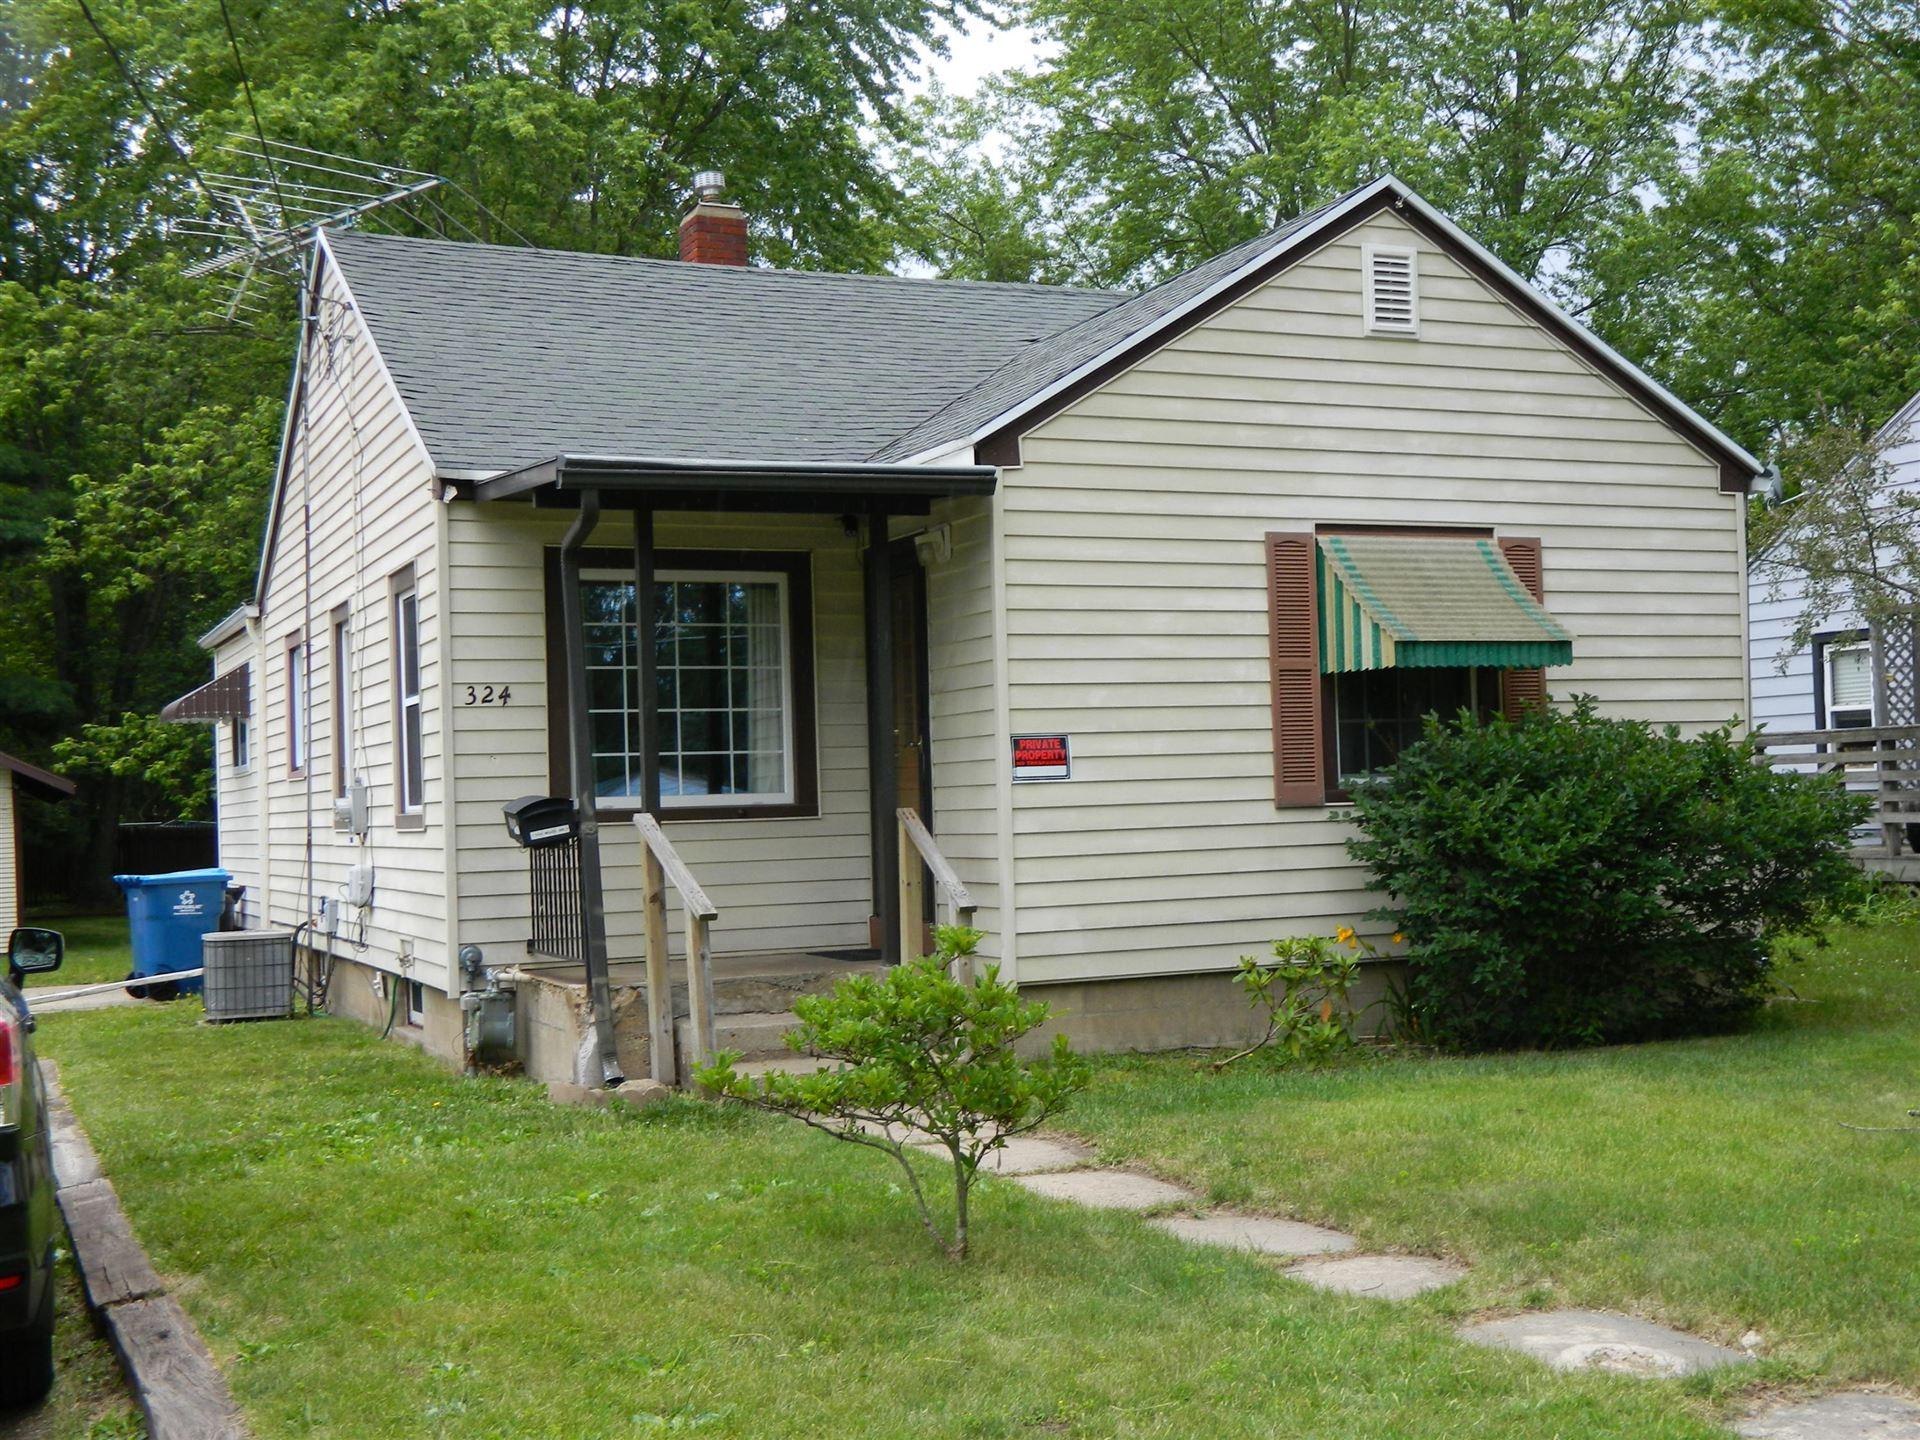 324 Miller Avenue, Battle Creek, MI 49037 - MLS#: 21024229